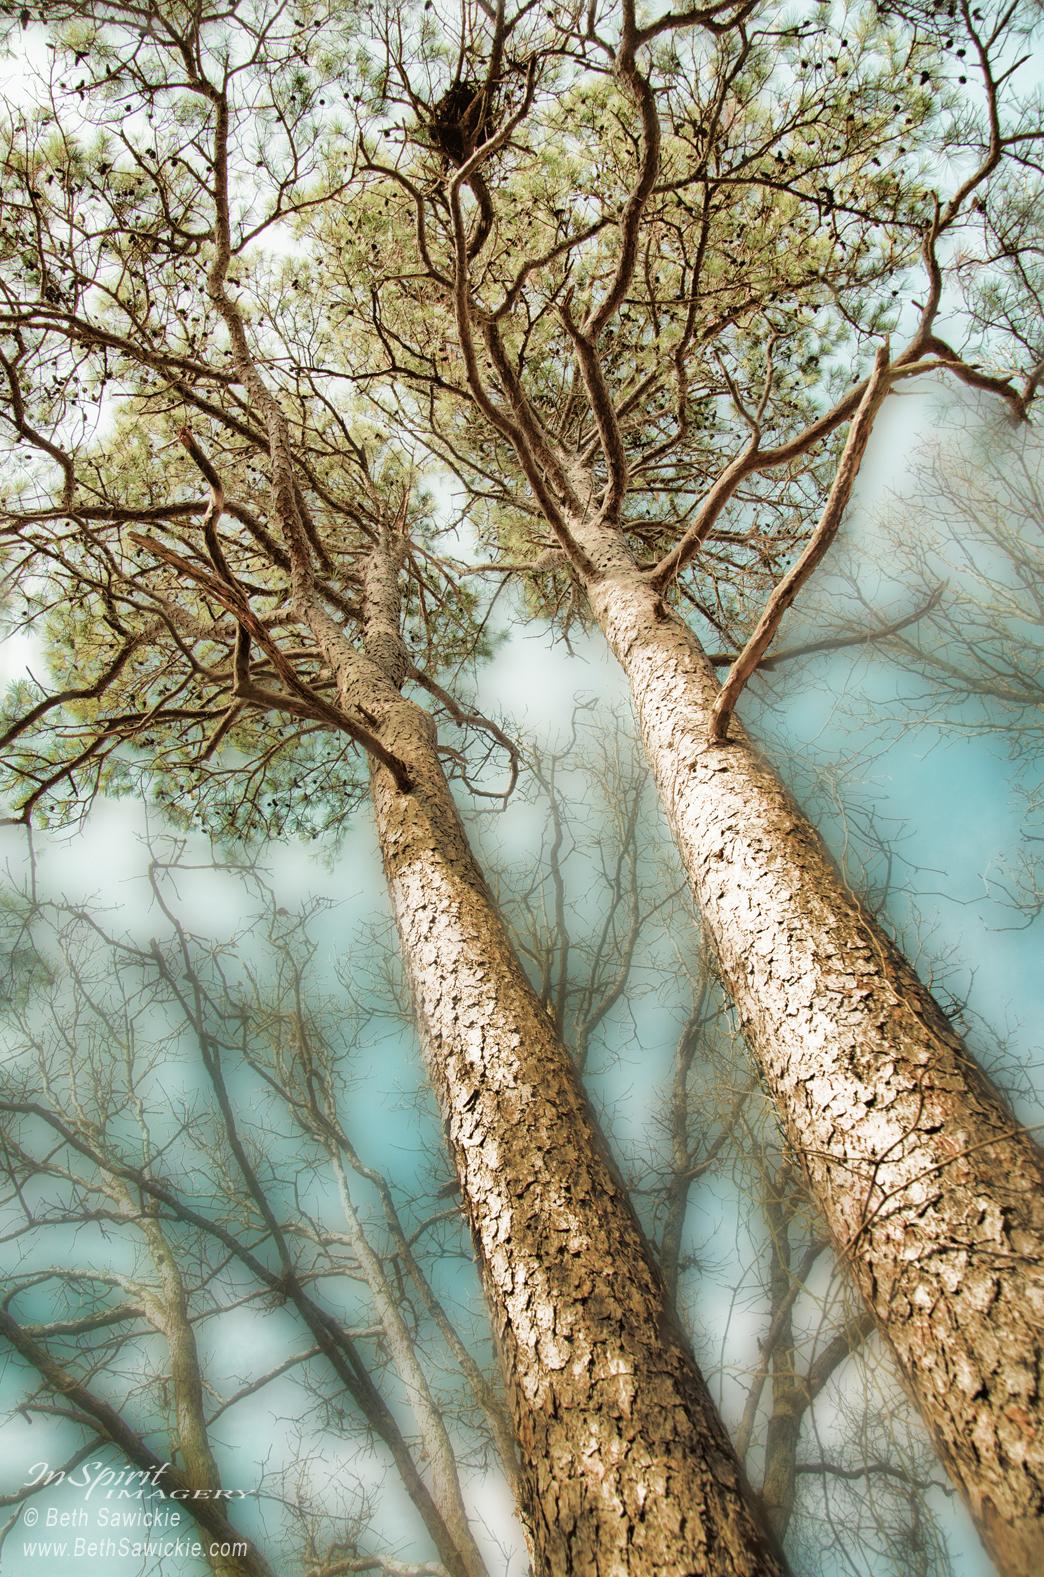 twin-pines-beth-sawickie-96dpiwm